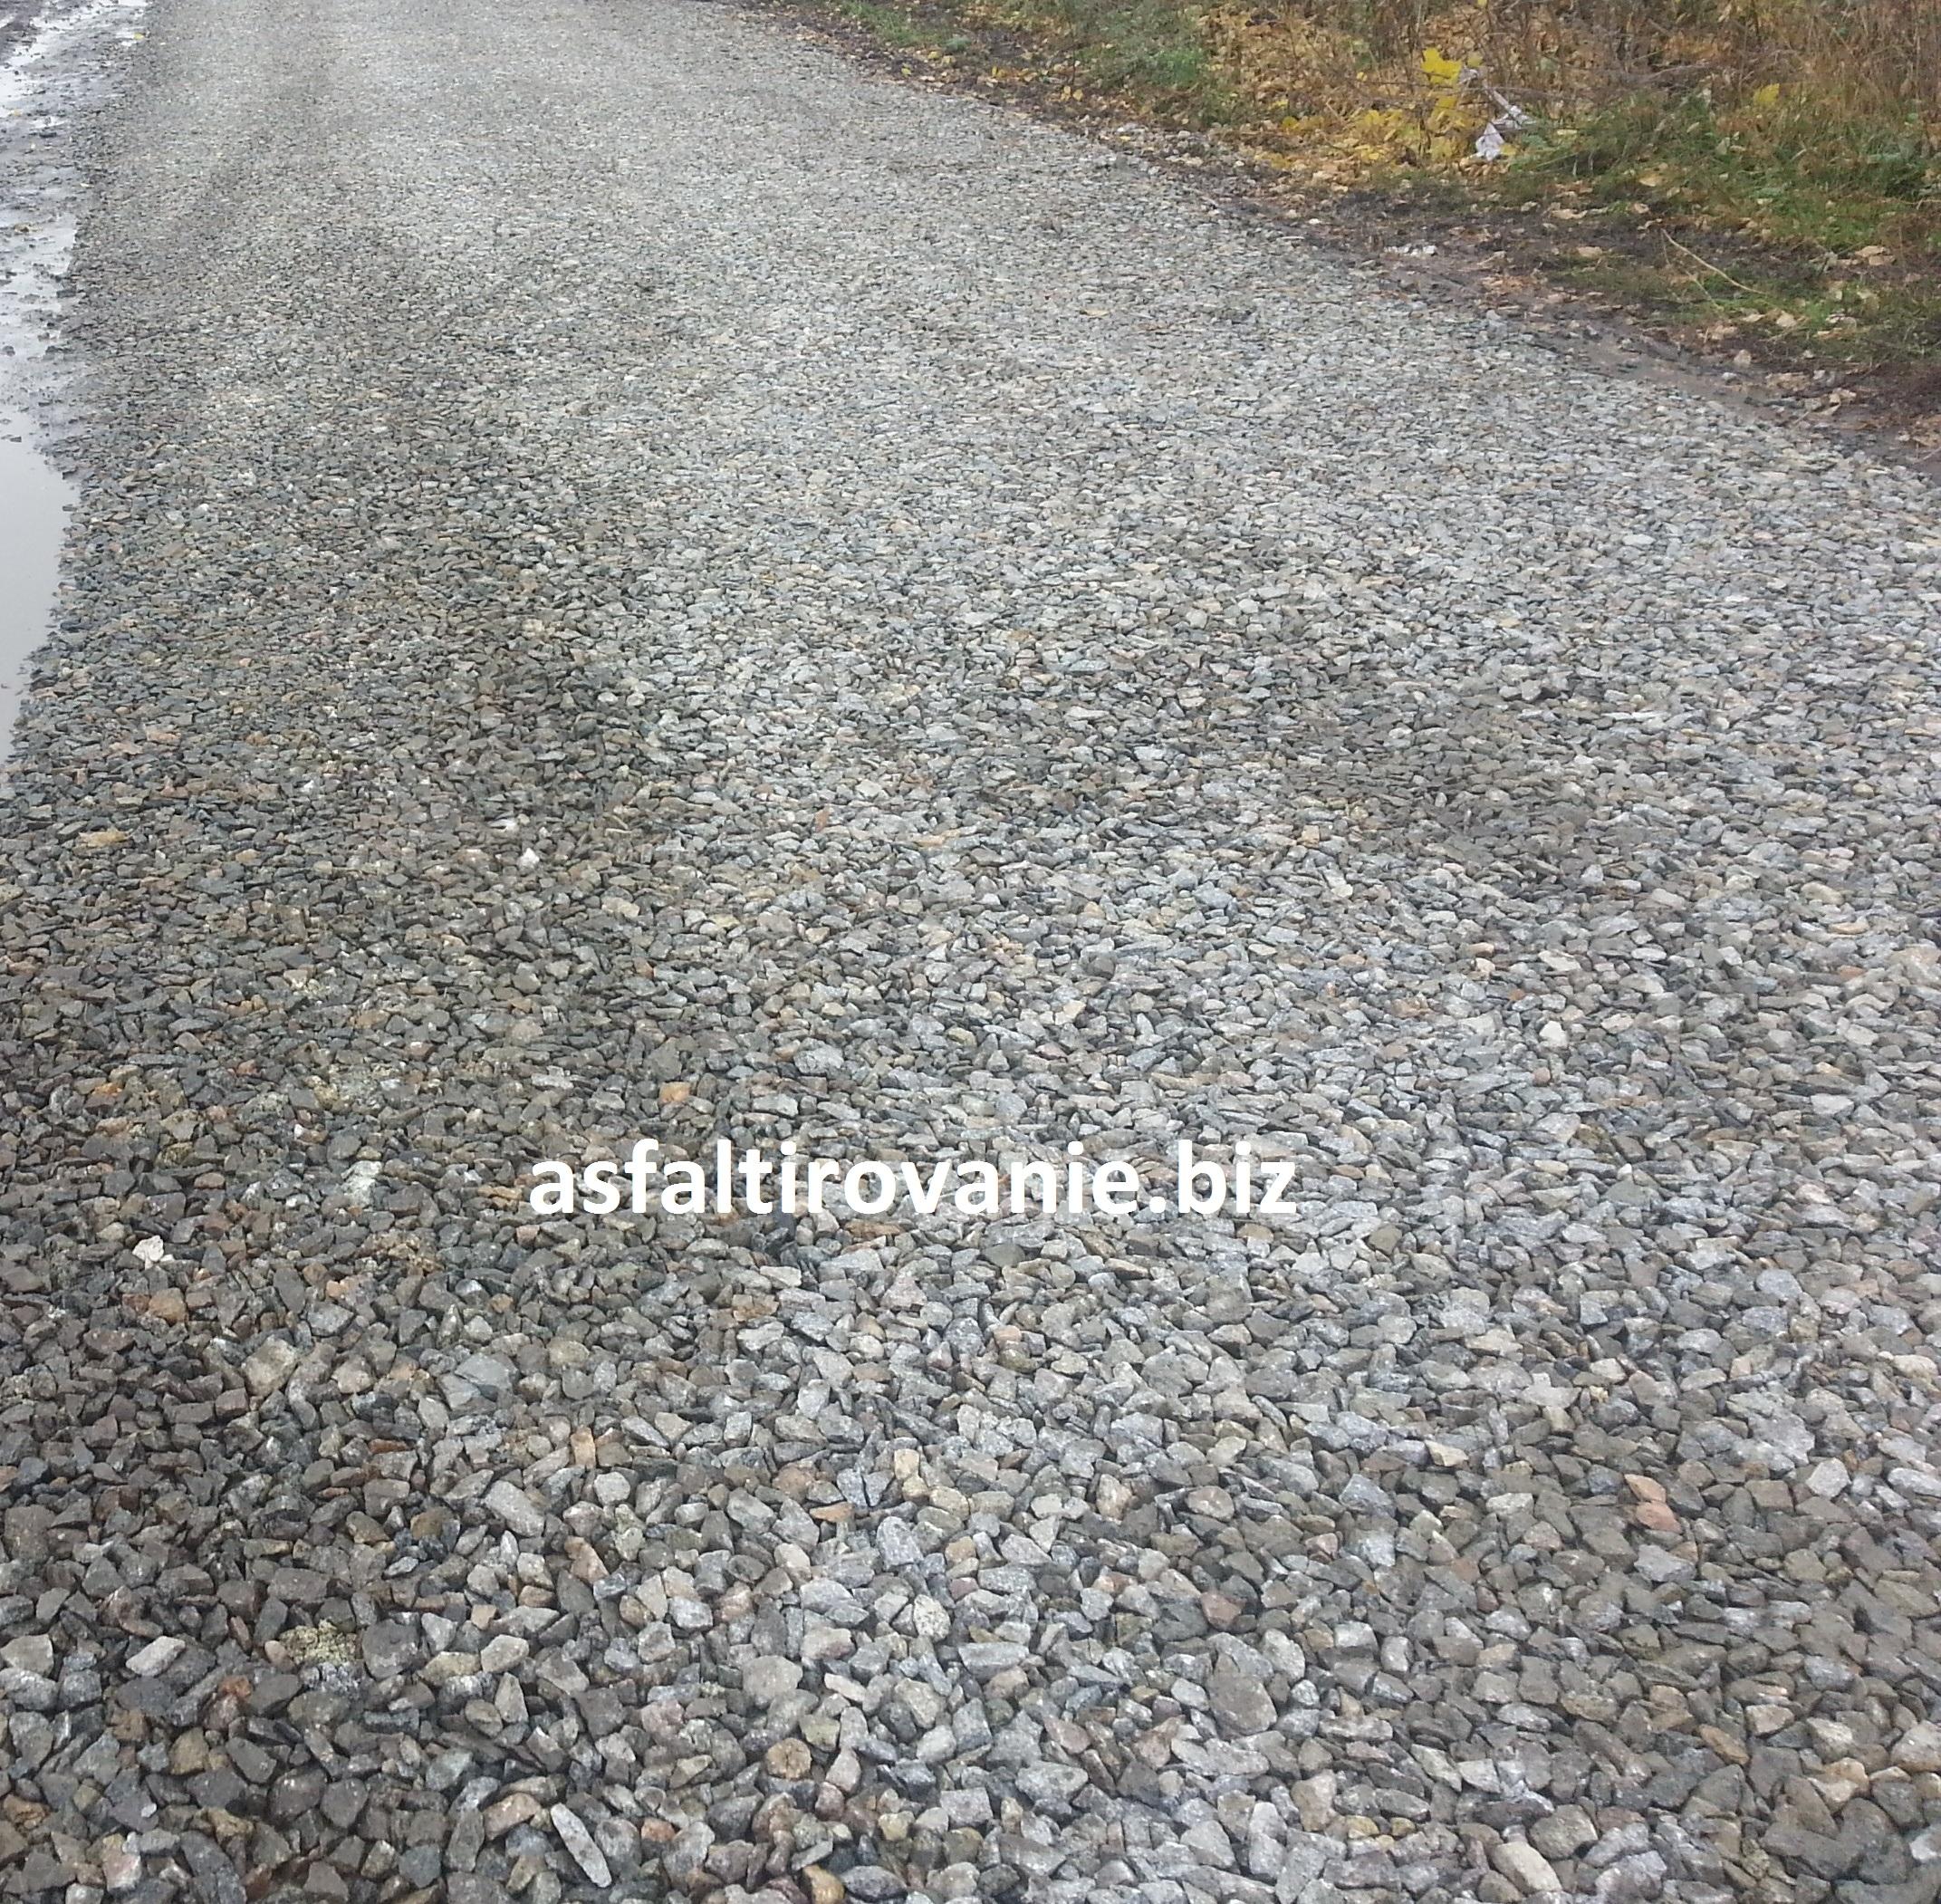 Отсыпка дороги из щебня